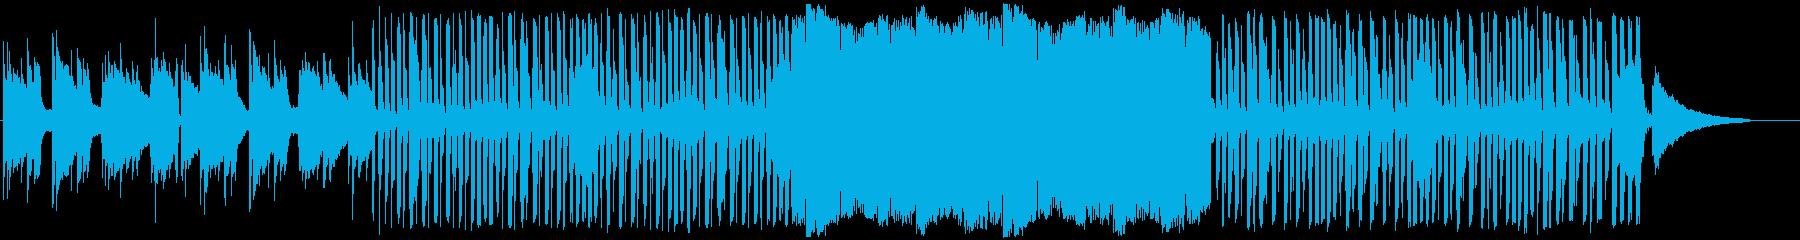 のんびり・まったりとしたBGMの再生済みの波形